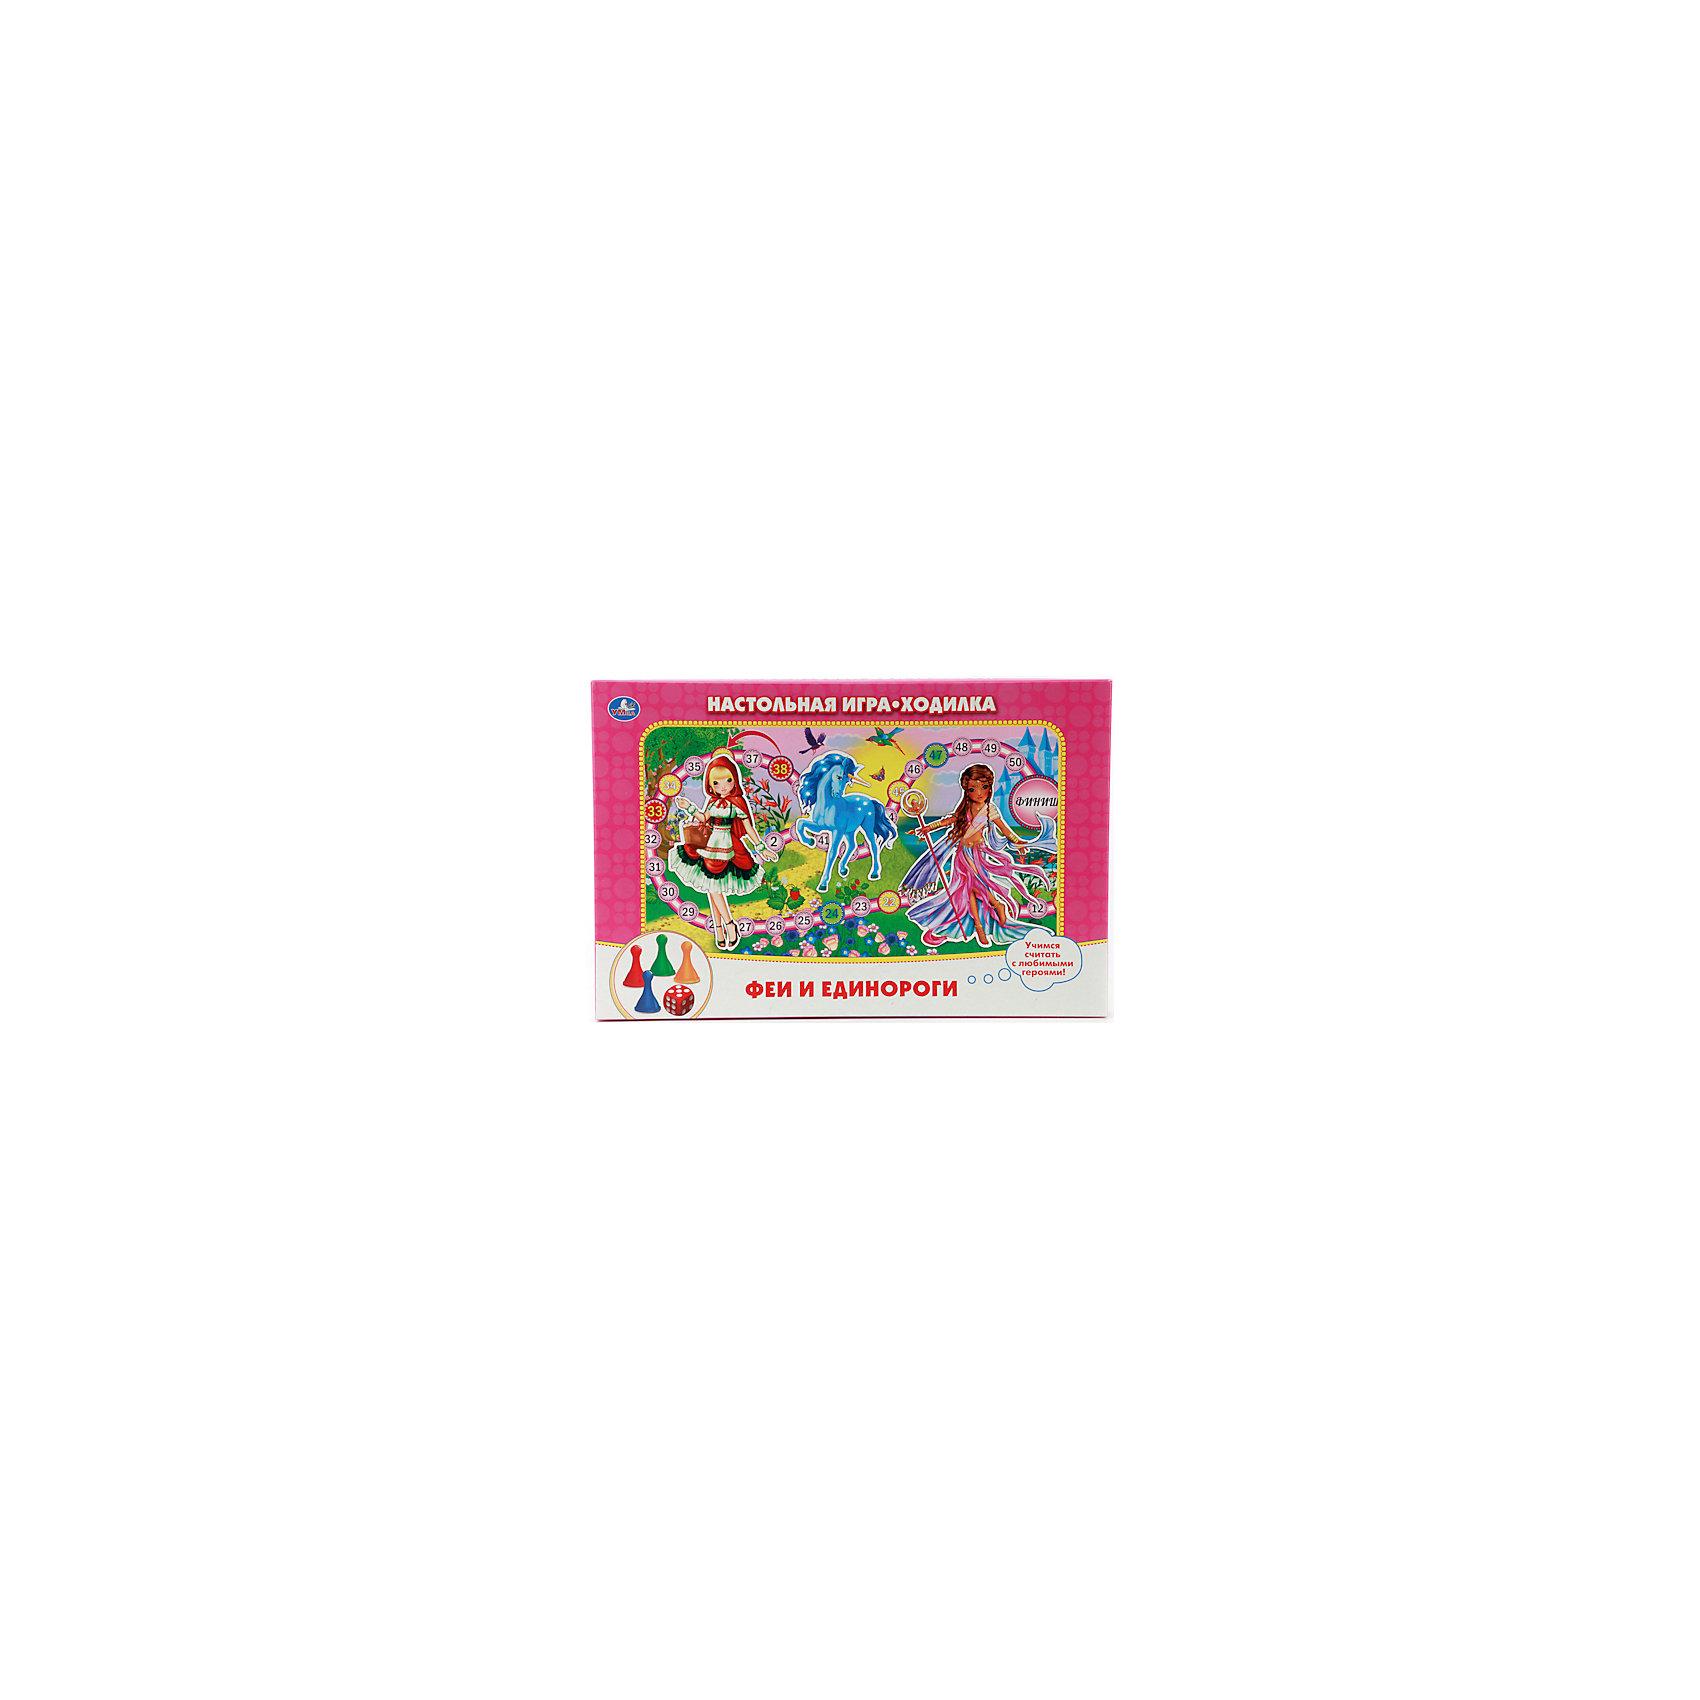 Настольная игра-ходилка Феи и единороги, УмкаИгра-ходилка - одна из самых популярных и интересных настольных игр. В неё можно играть всей семьей! Этот набор сделан в тематике сказок про фей и единорогов, особенно понравится девочкам. Он сделан из качественного и безопасного для ребенка материала.<br>На игровом поле изображены феи и единороги, есть фишки и кубик. Игра с таким набором поможет не только весело провести время, она позволит ребенку запоминать цифры в игровой форме, тренировать внимание, мышление и мелкую моторику.<br><br>Дополнительная информация:<br><br>цвет: разноцветный;<br>материал: пластик;<br>вес: 150 г;<br>размер упаковки: 3x21x33 см.<br><br>Настольную игру-ходилку Феи и единороги от бренда Умка можно купить в нашем магазине<br><br>Ширина мм: 210<br>Глубина мм: 330<br>Высота мм: 30<br>Вес г: 150<br>Возраст от месяцев: 36<br>Возраст до месяцев: 120<br>Пол: Женский<br>Возраст: Детский<br>SKU: 4720264